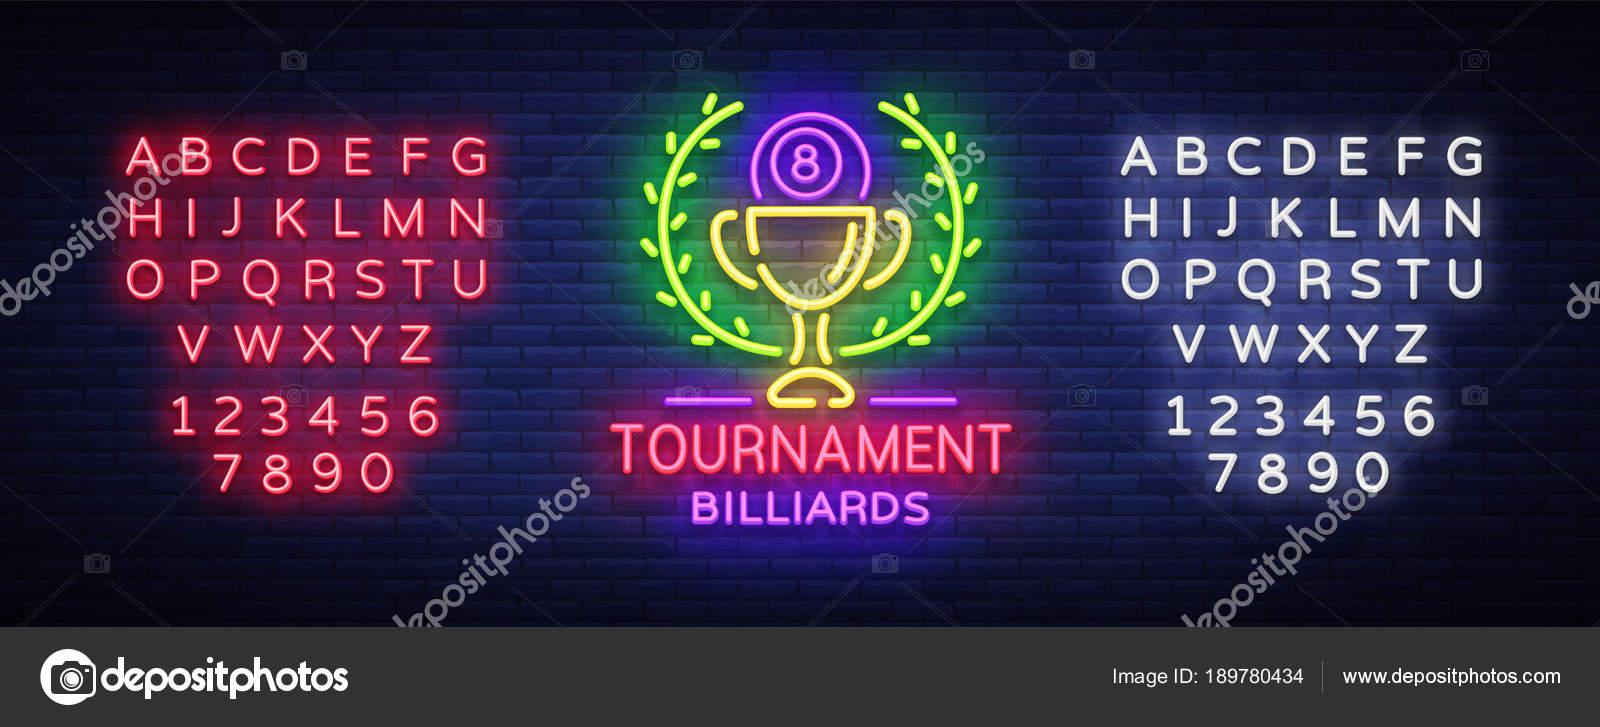 Billard Turnier-Logo-Neon-Stil. Neon melden Entwurfsvorlage für ...